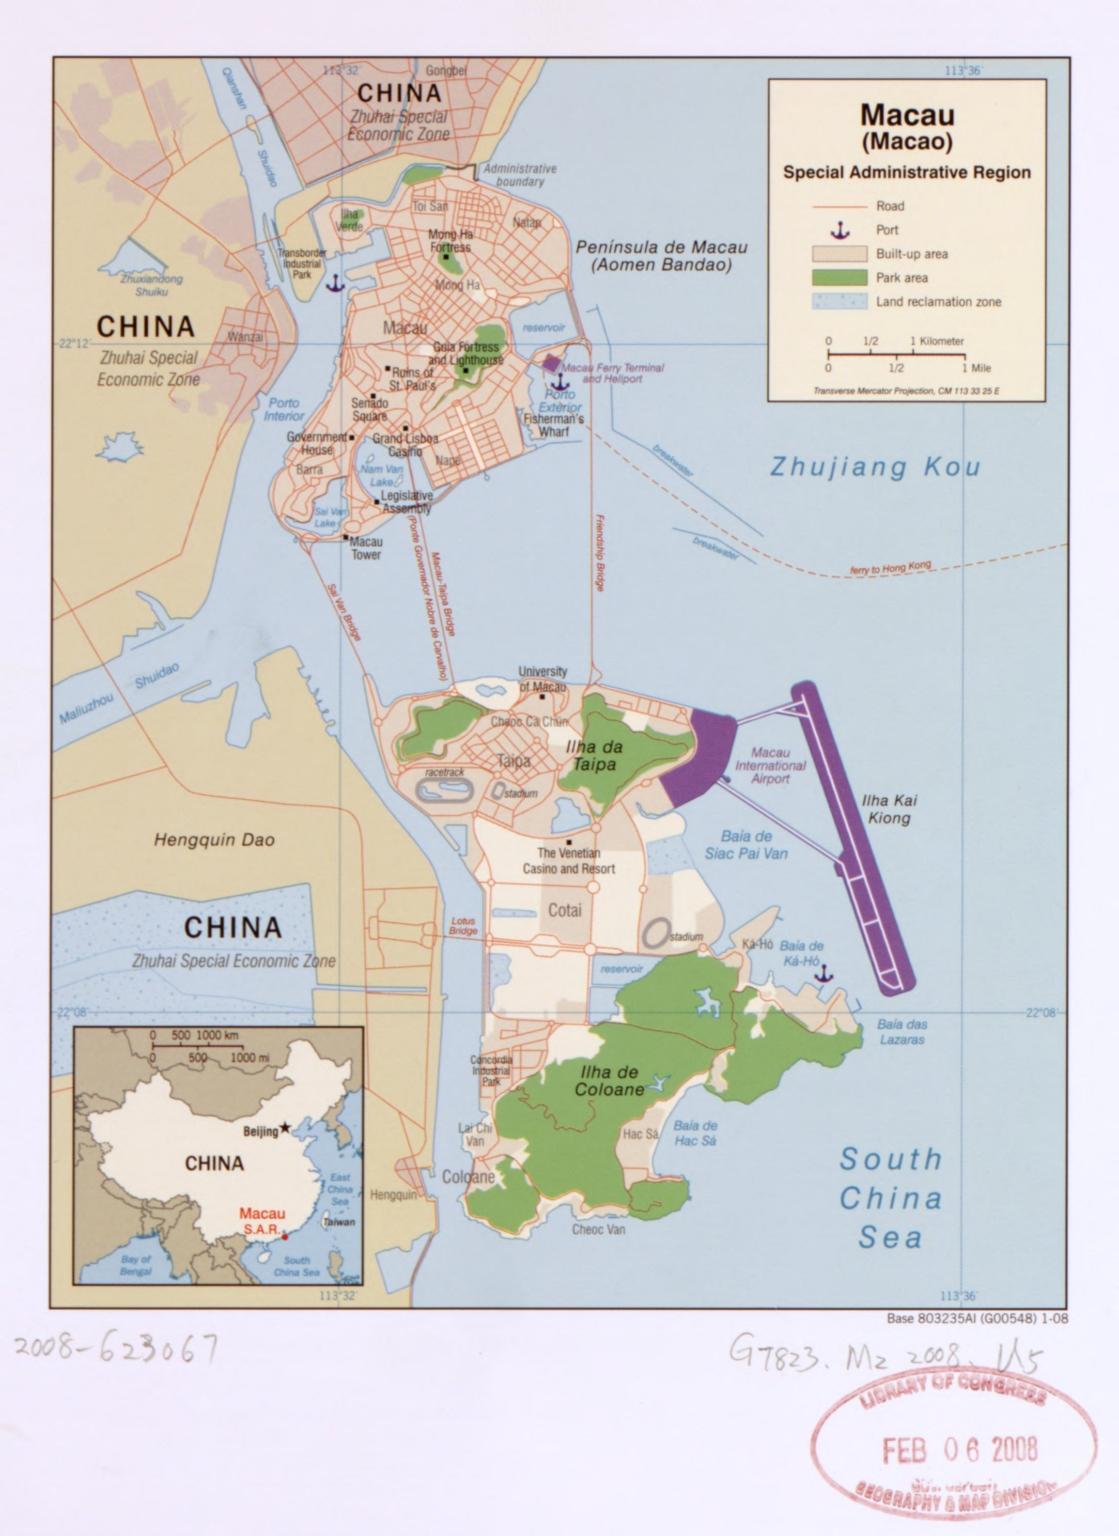 Macau (Macao) Special Administrative Region